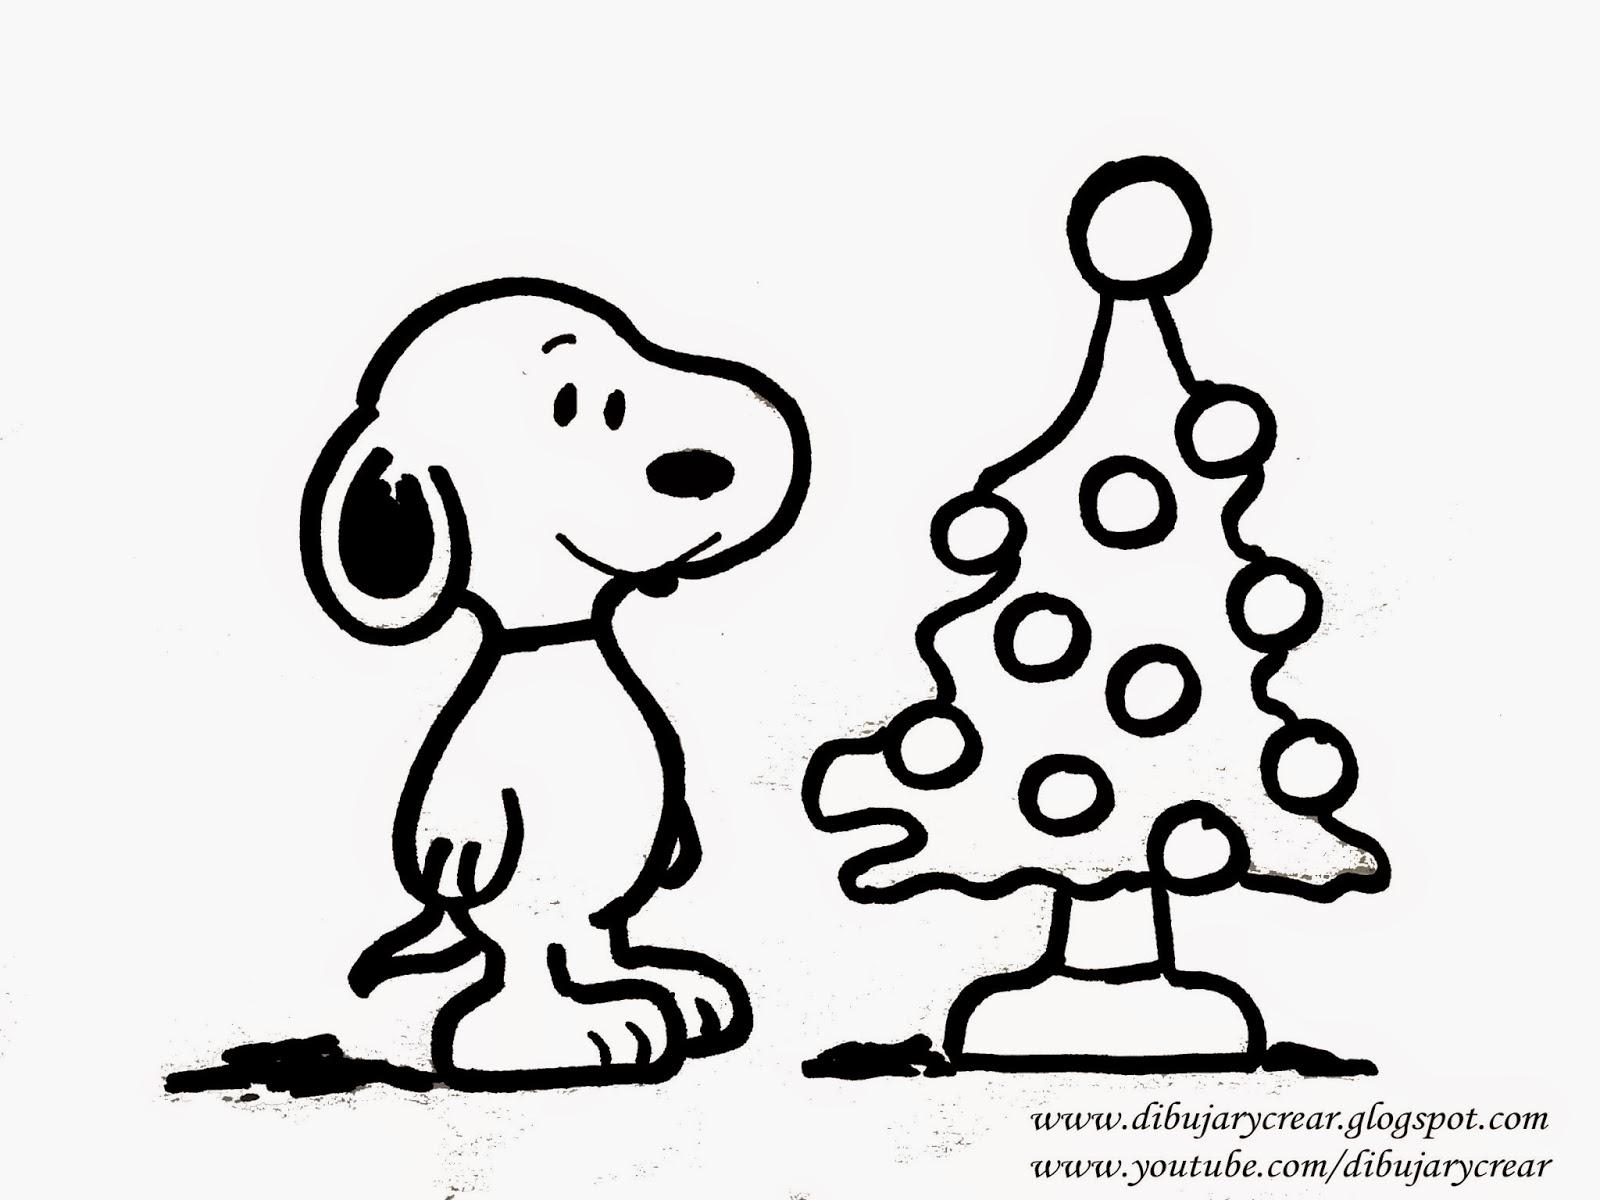 Kleurplaat Kerst Snoopy Dibujar Y Crear Especial Navidad Como Dibujar A Snoopy Y